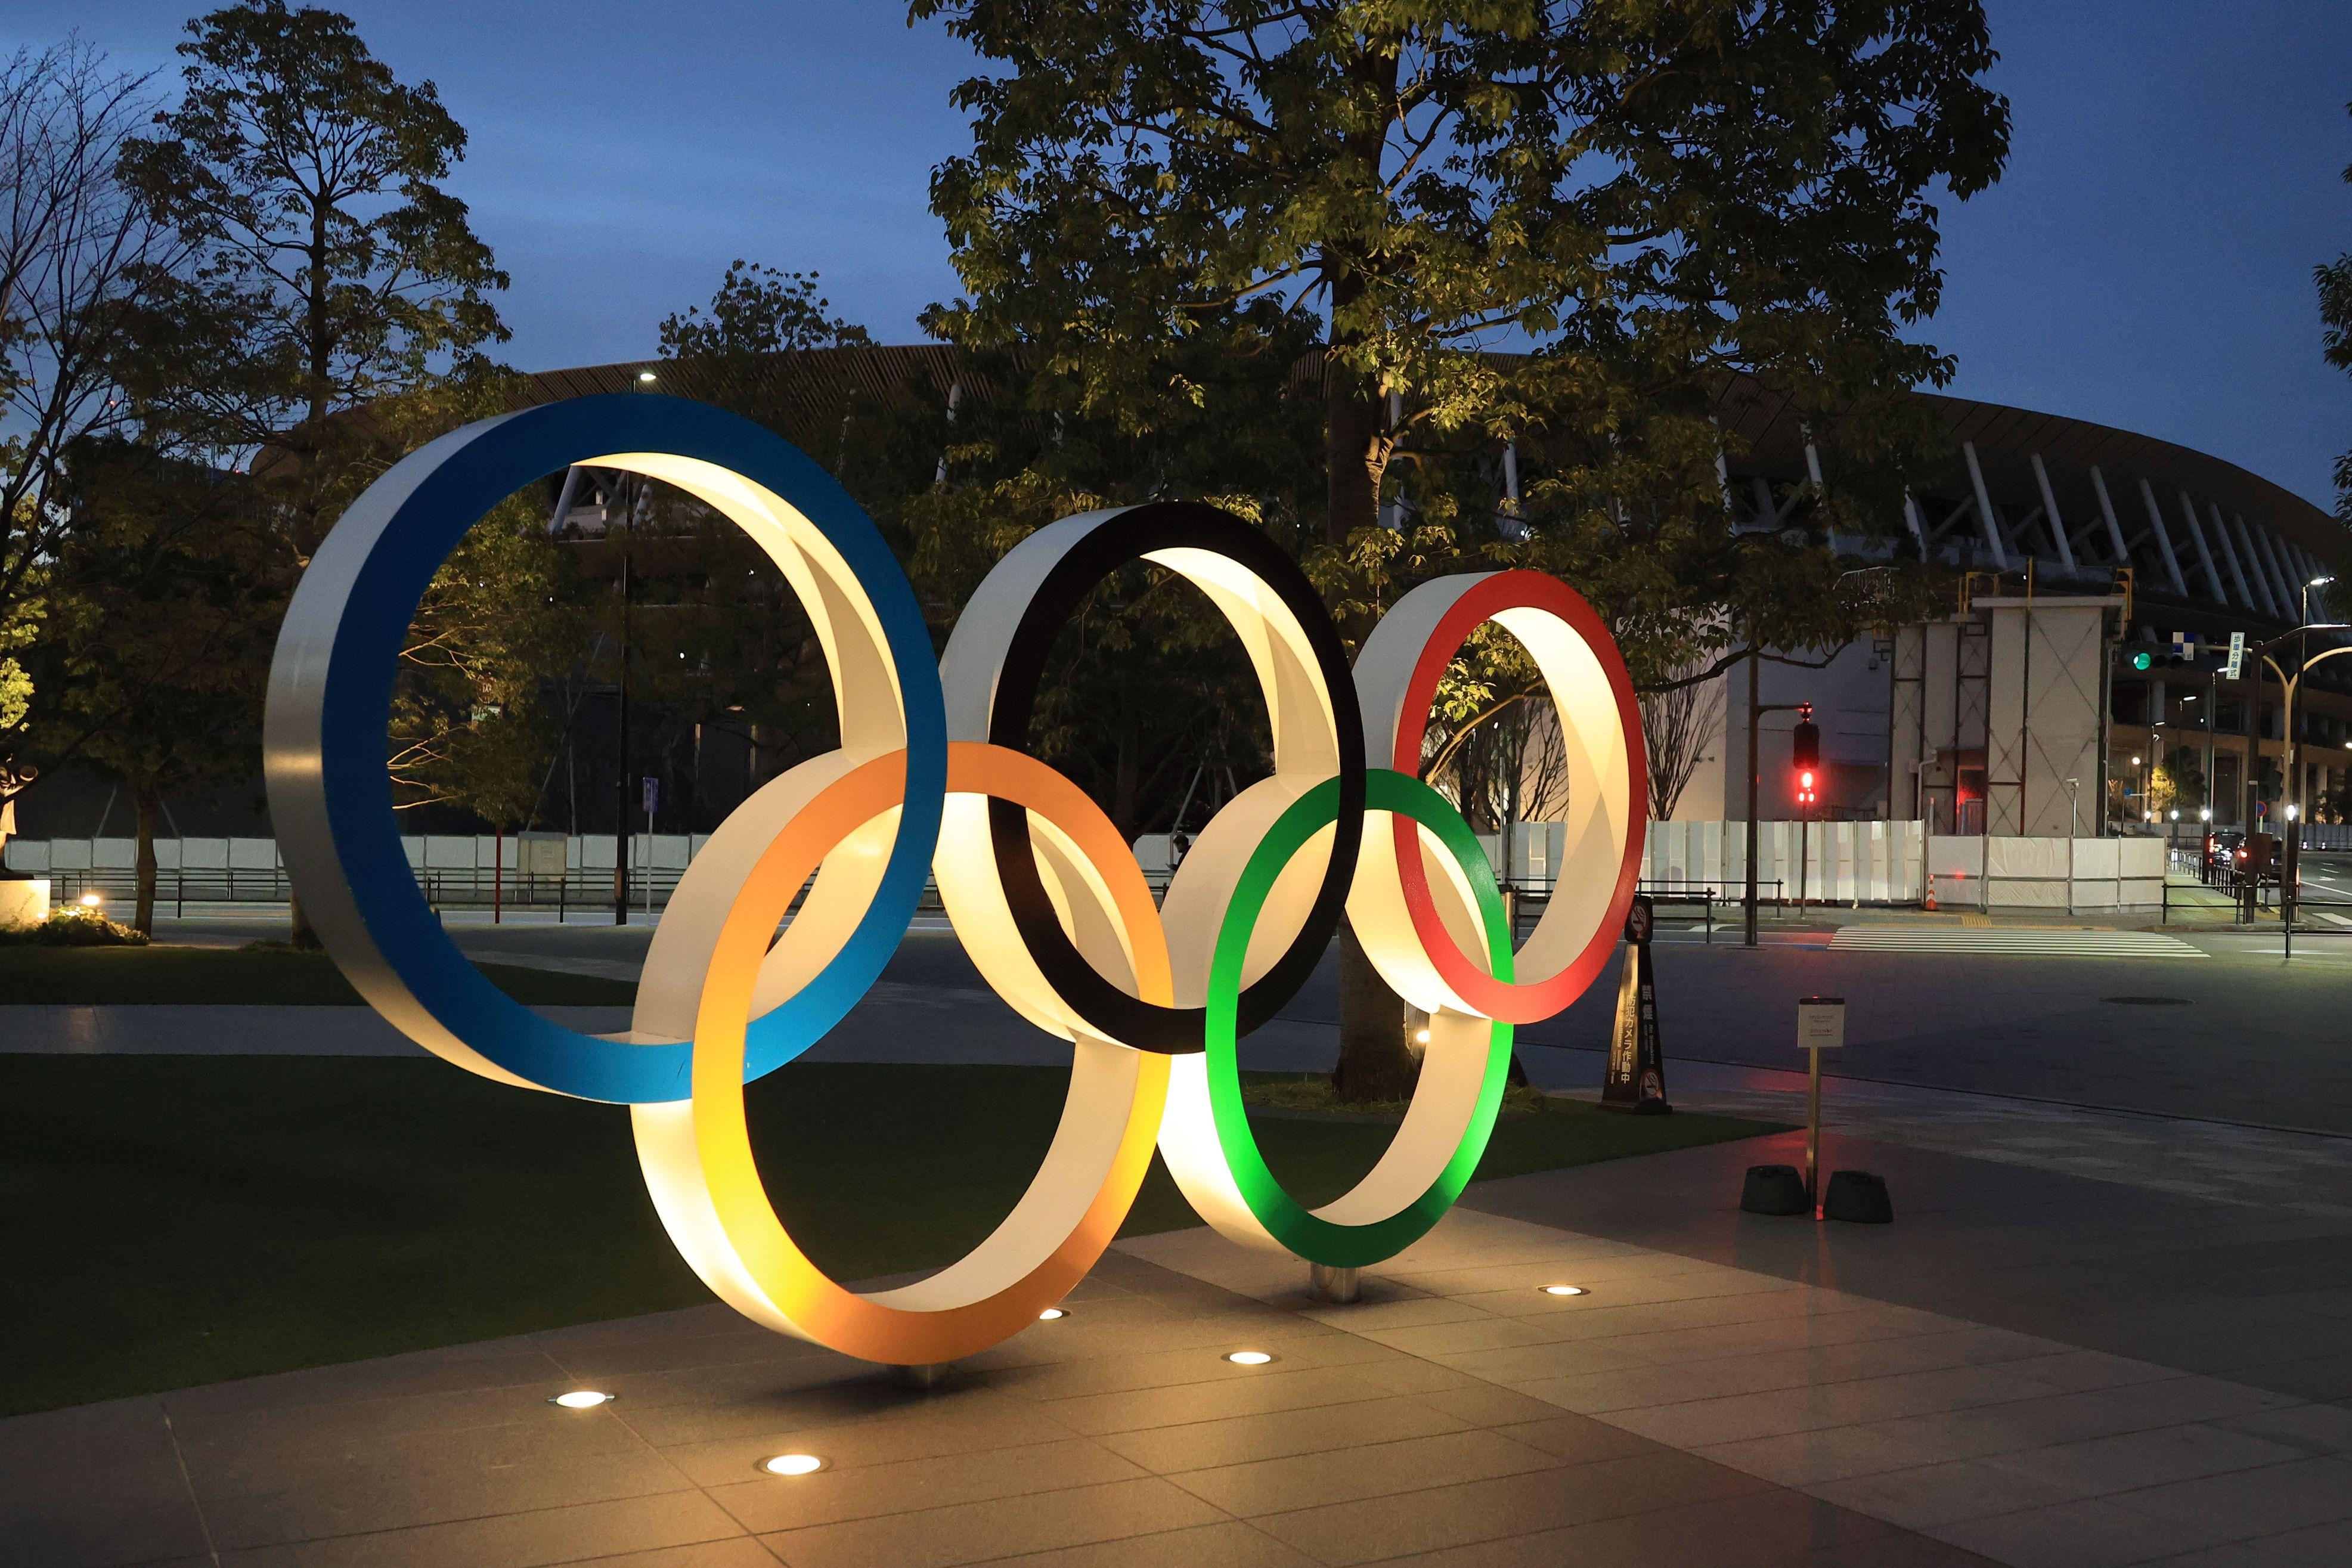 Сборная России выступит на Олимпийских играх под аббревиатурой ROC